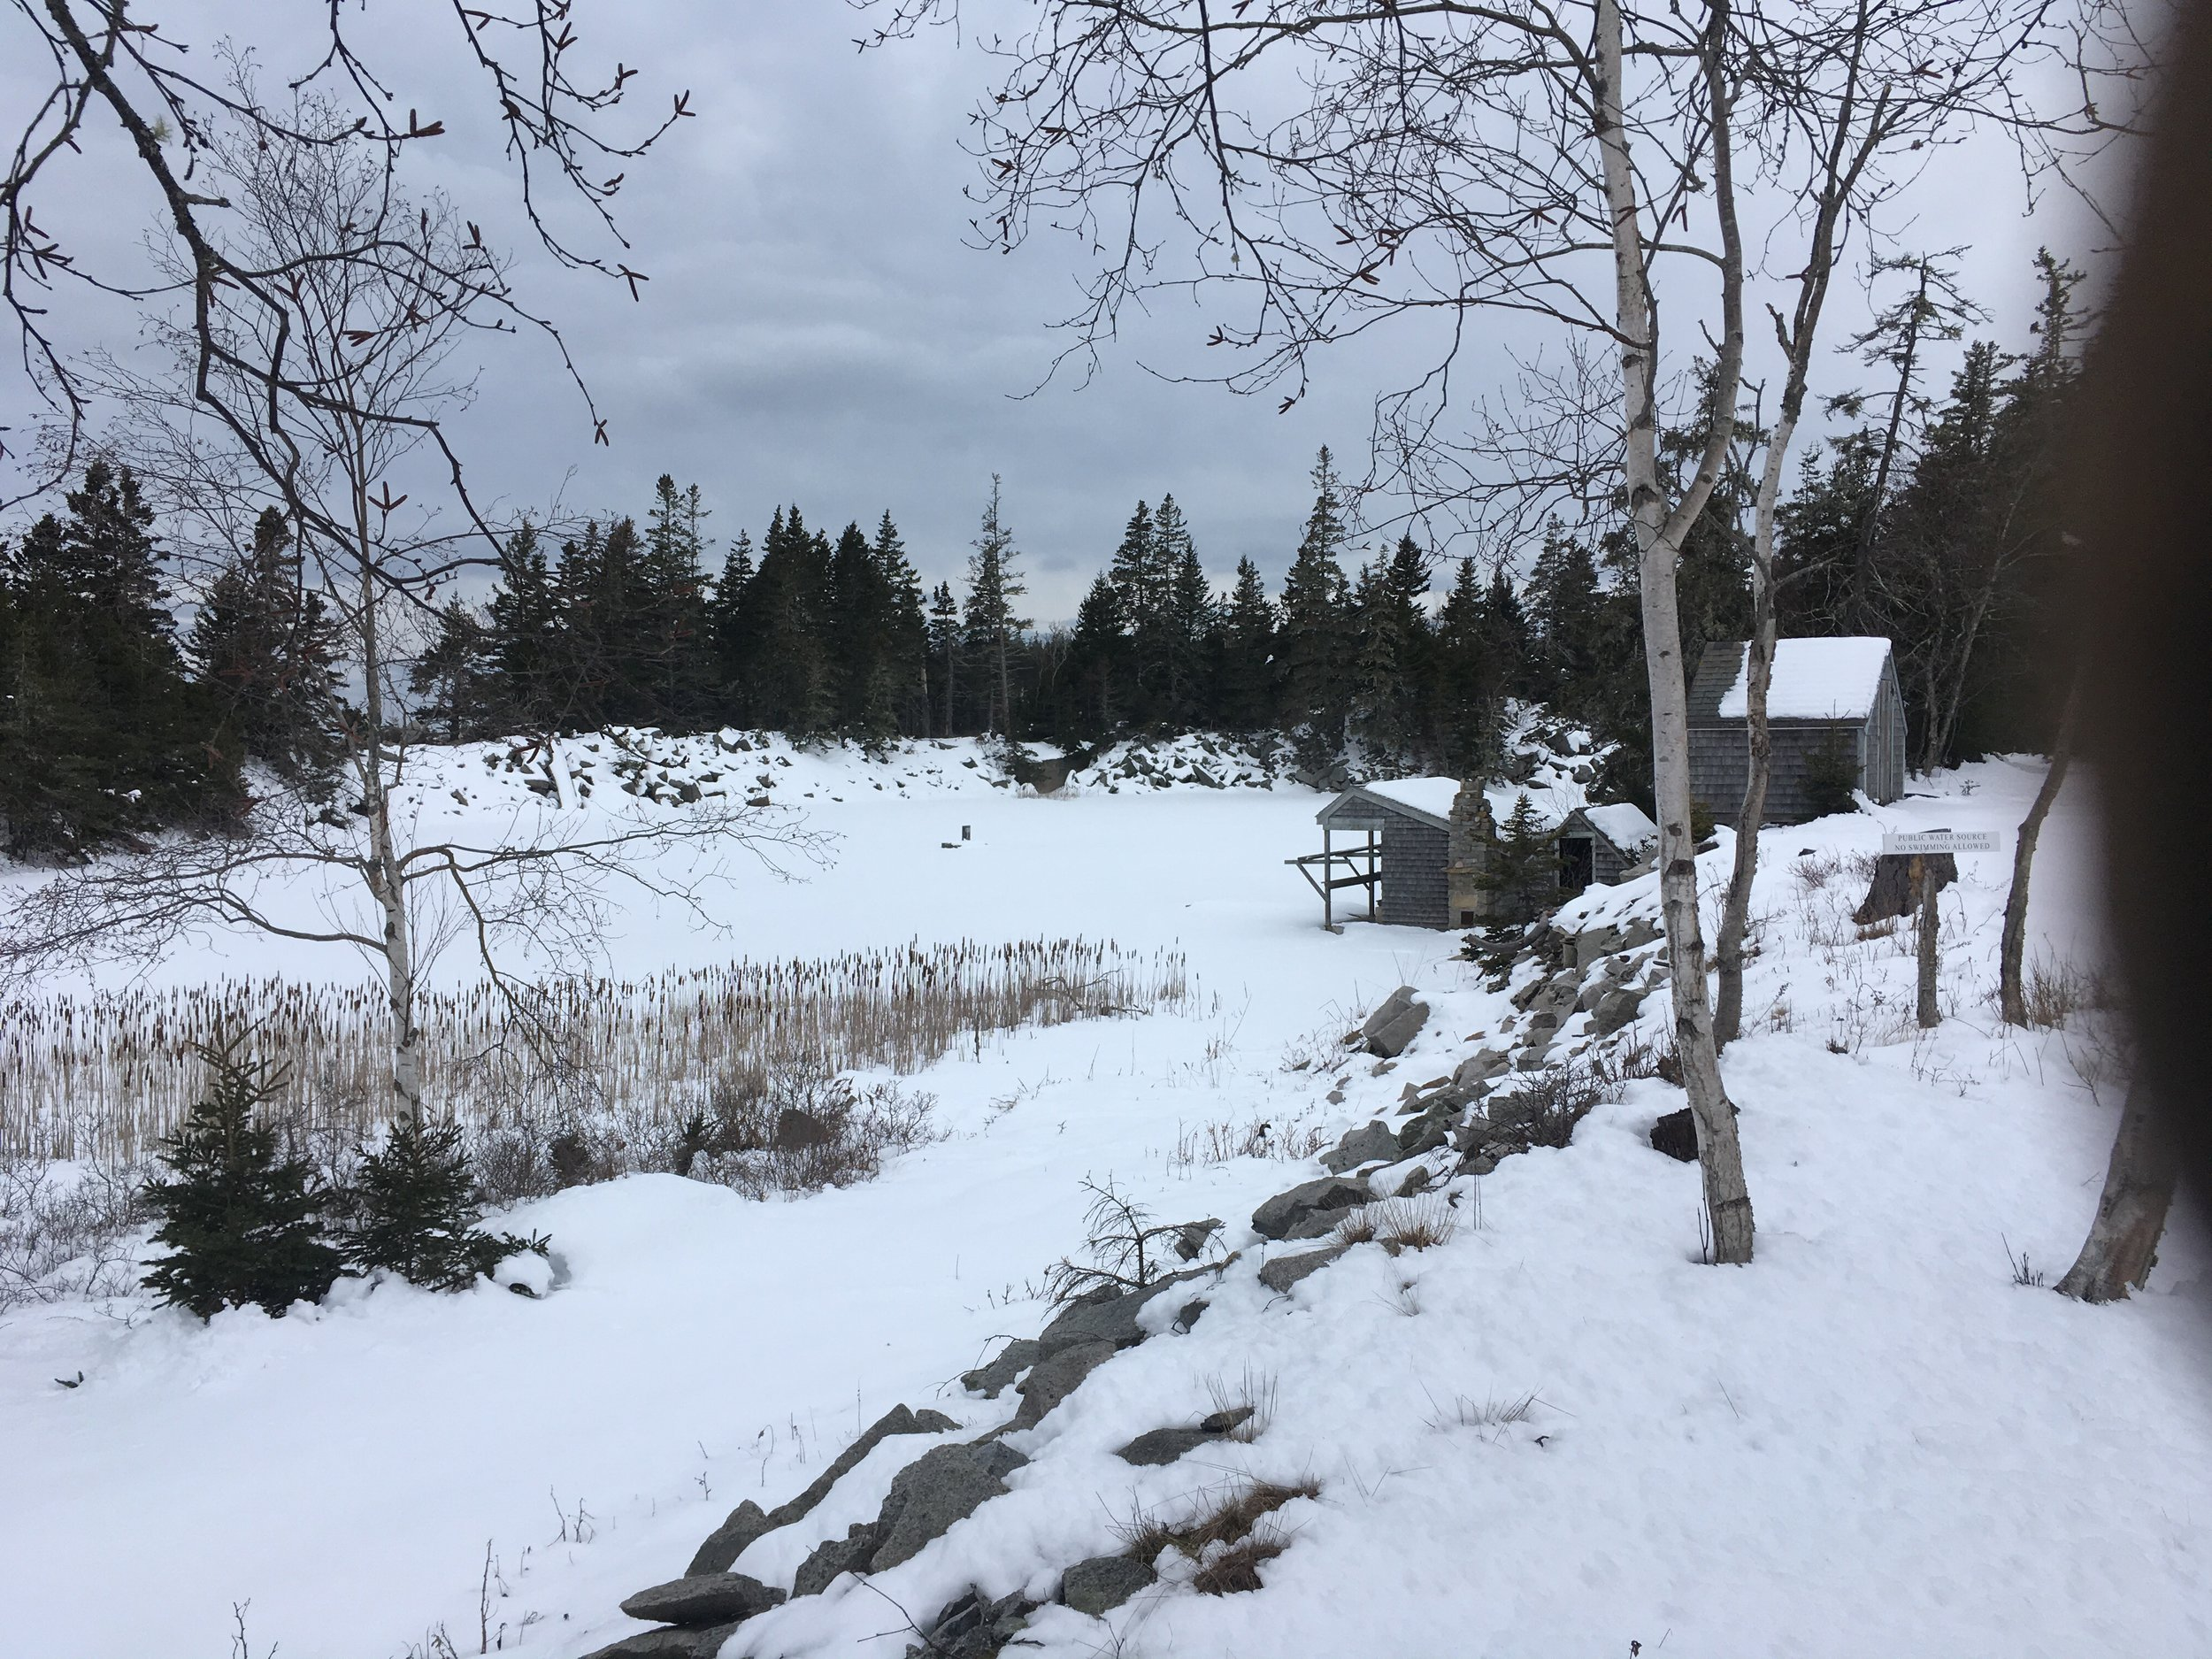 Quarry pond under snow